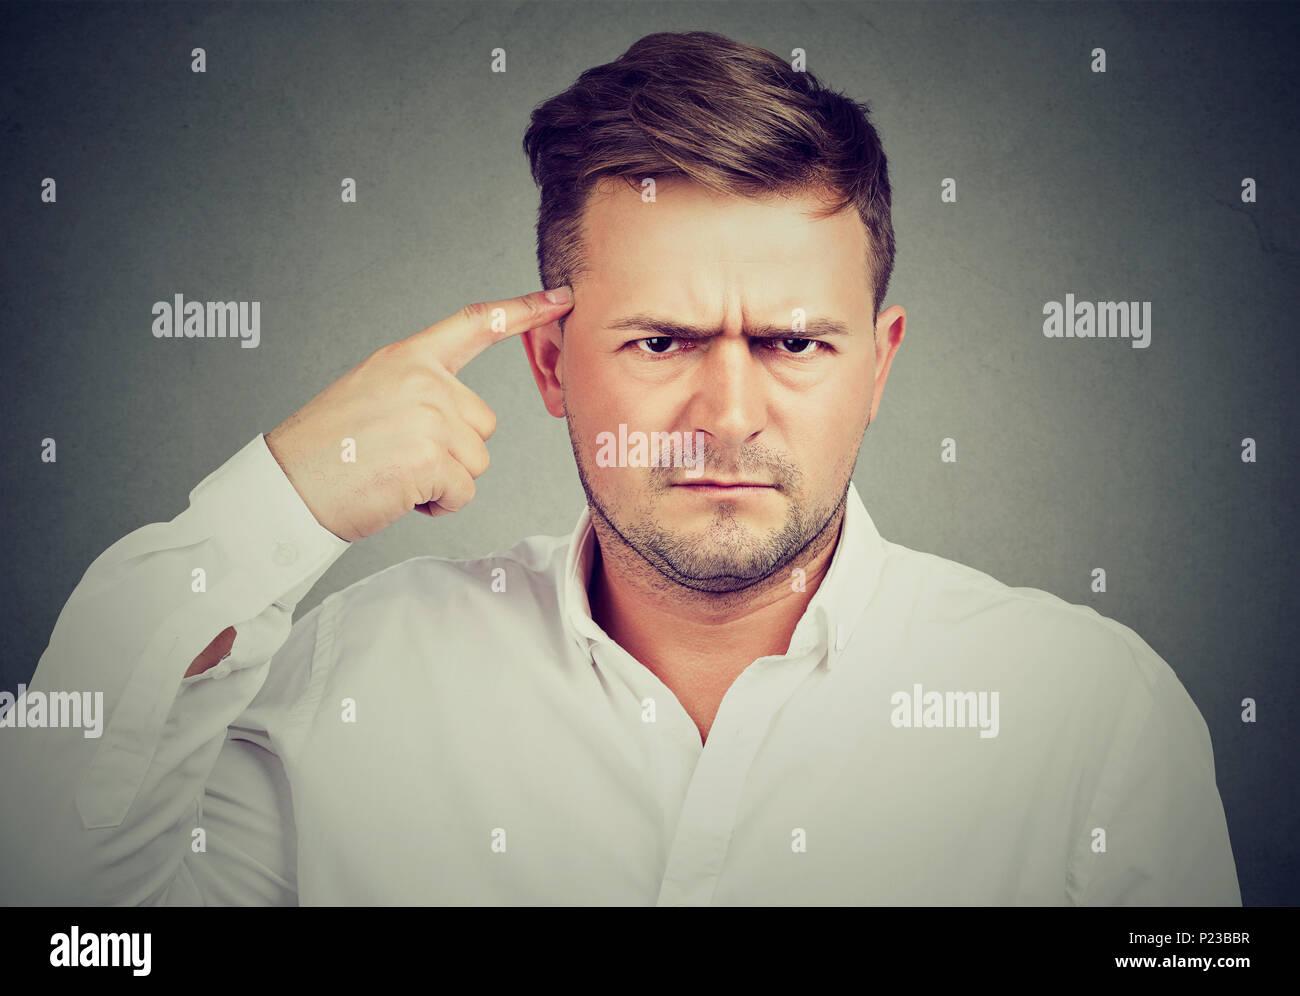 Ernsthafte umgekippt Mann an Tempel mit Zeigefinger zeigen und an der Kamera besorgt. Stockbild